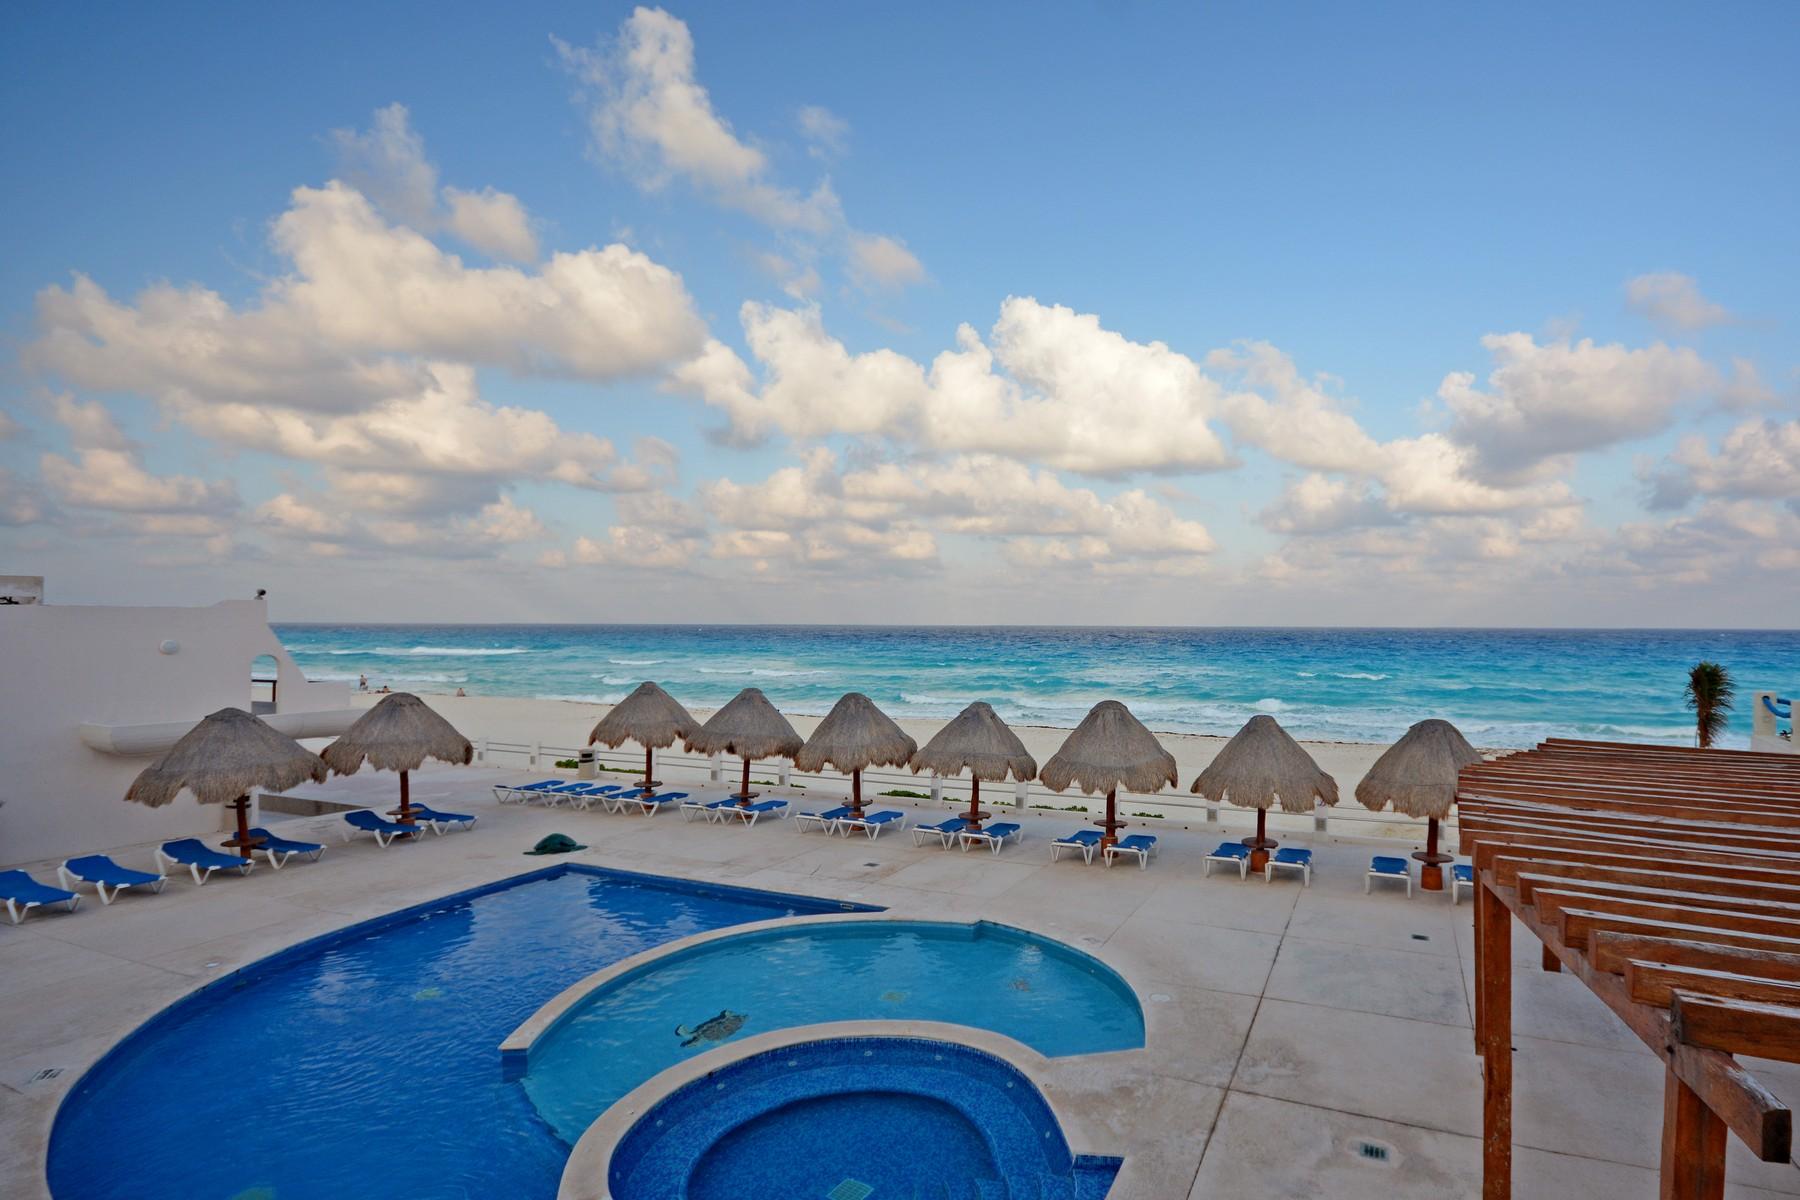 Condominium for Sale at CANCUN BEACHFRONT VILLA Condominio Villas Marlin Depto. 121, Lte. 23 Cancun, 77500 Mexico